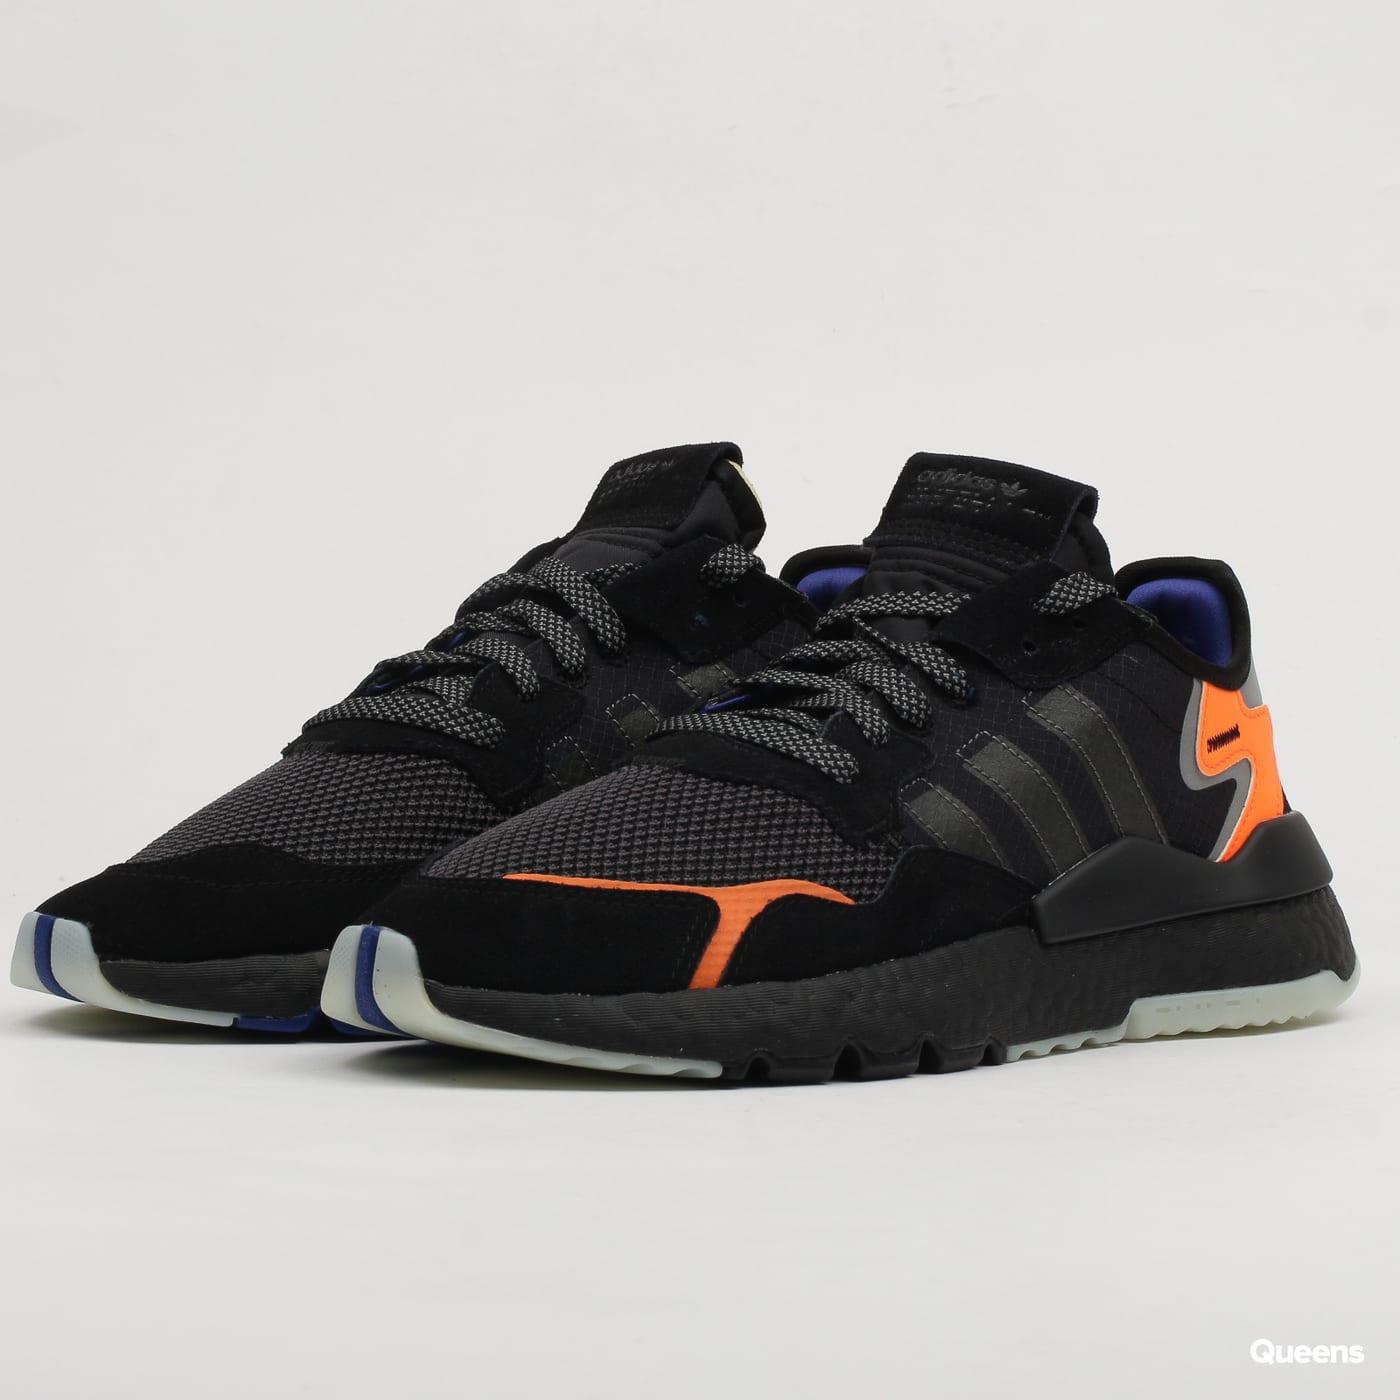 Boty adidas Originals Nite Jogger (CG7088) – Queens 💚 5d2aa5f223